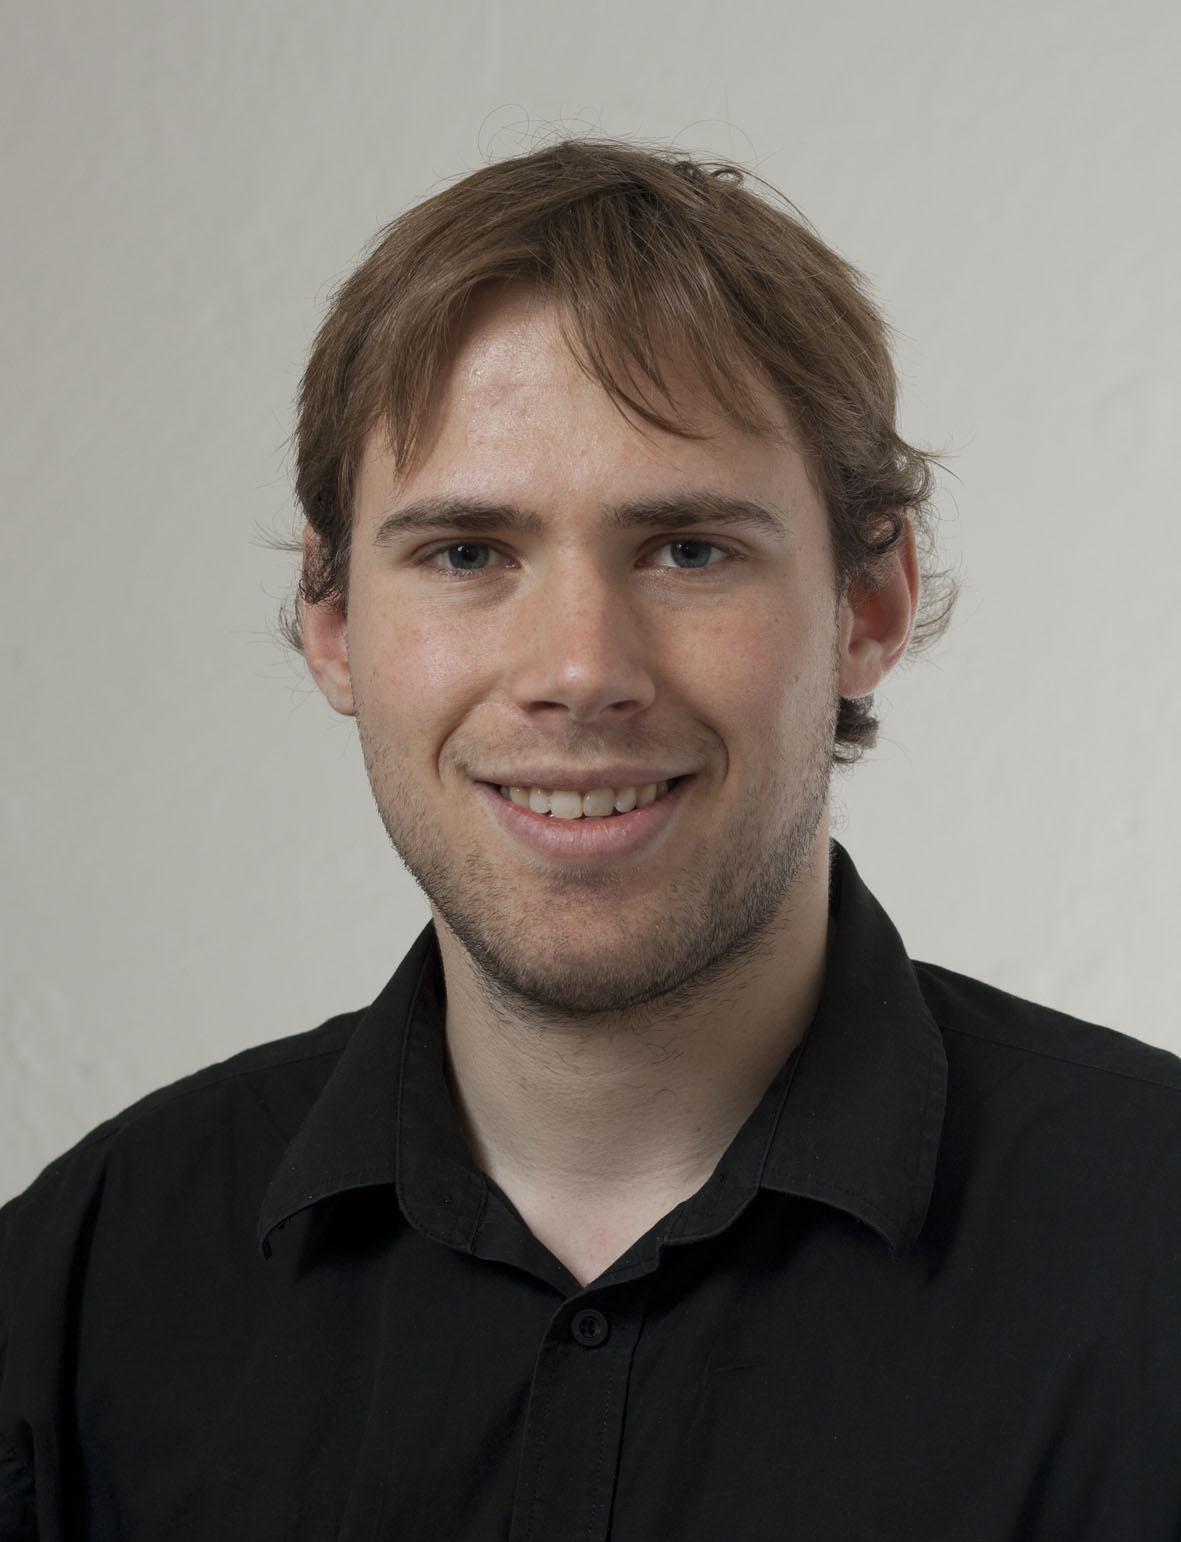 Henrik Vinther Sørensen